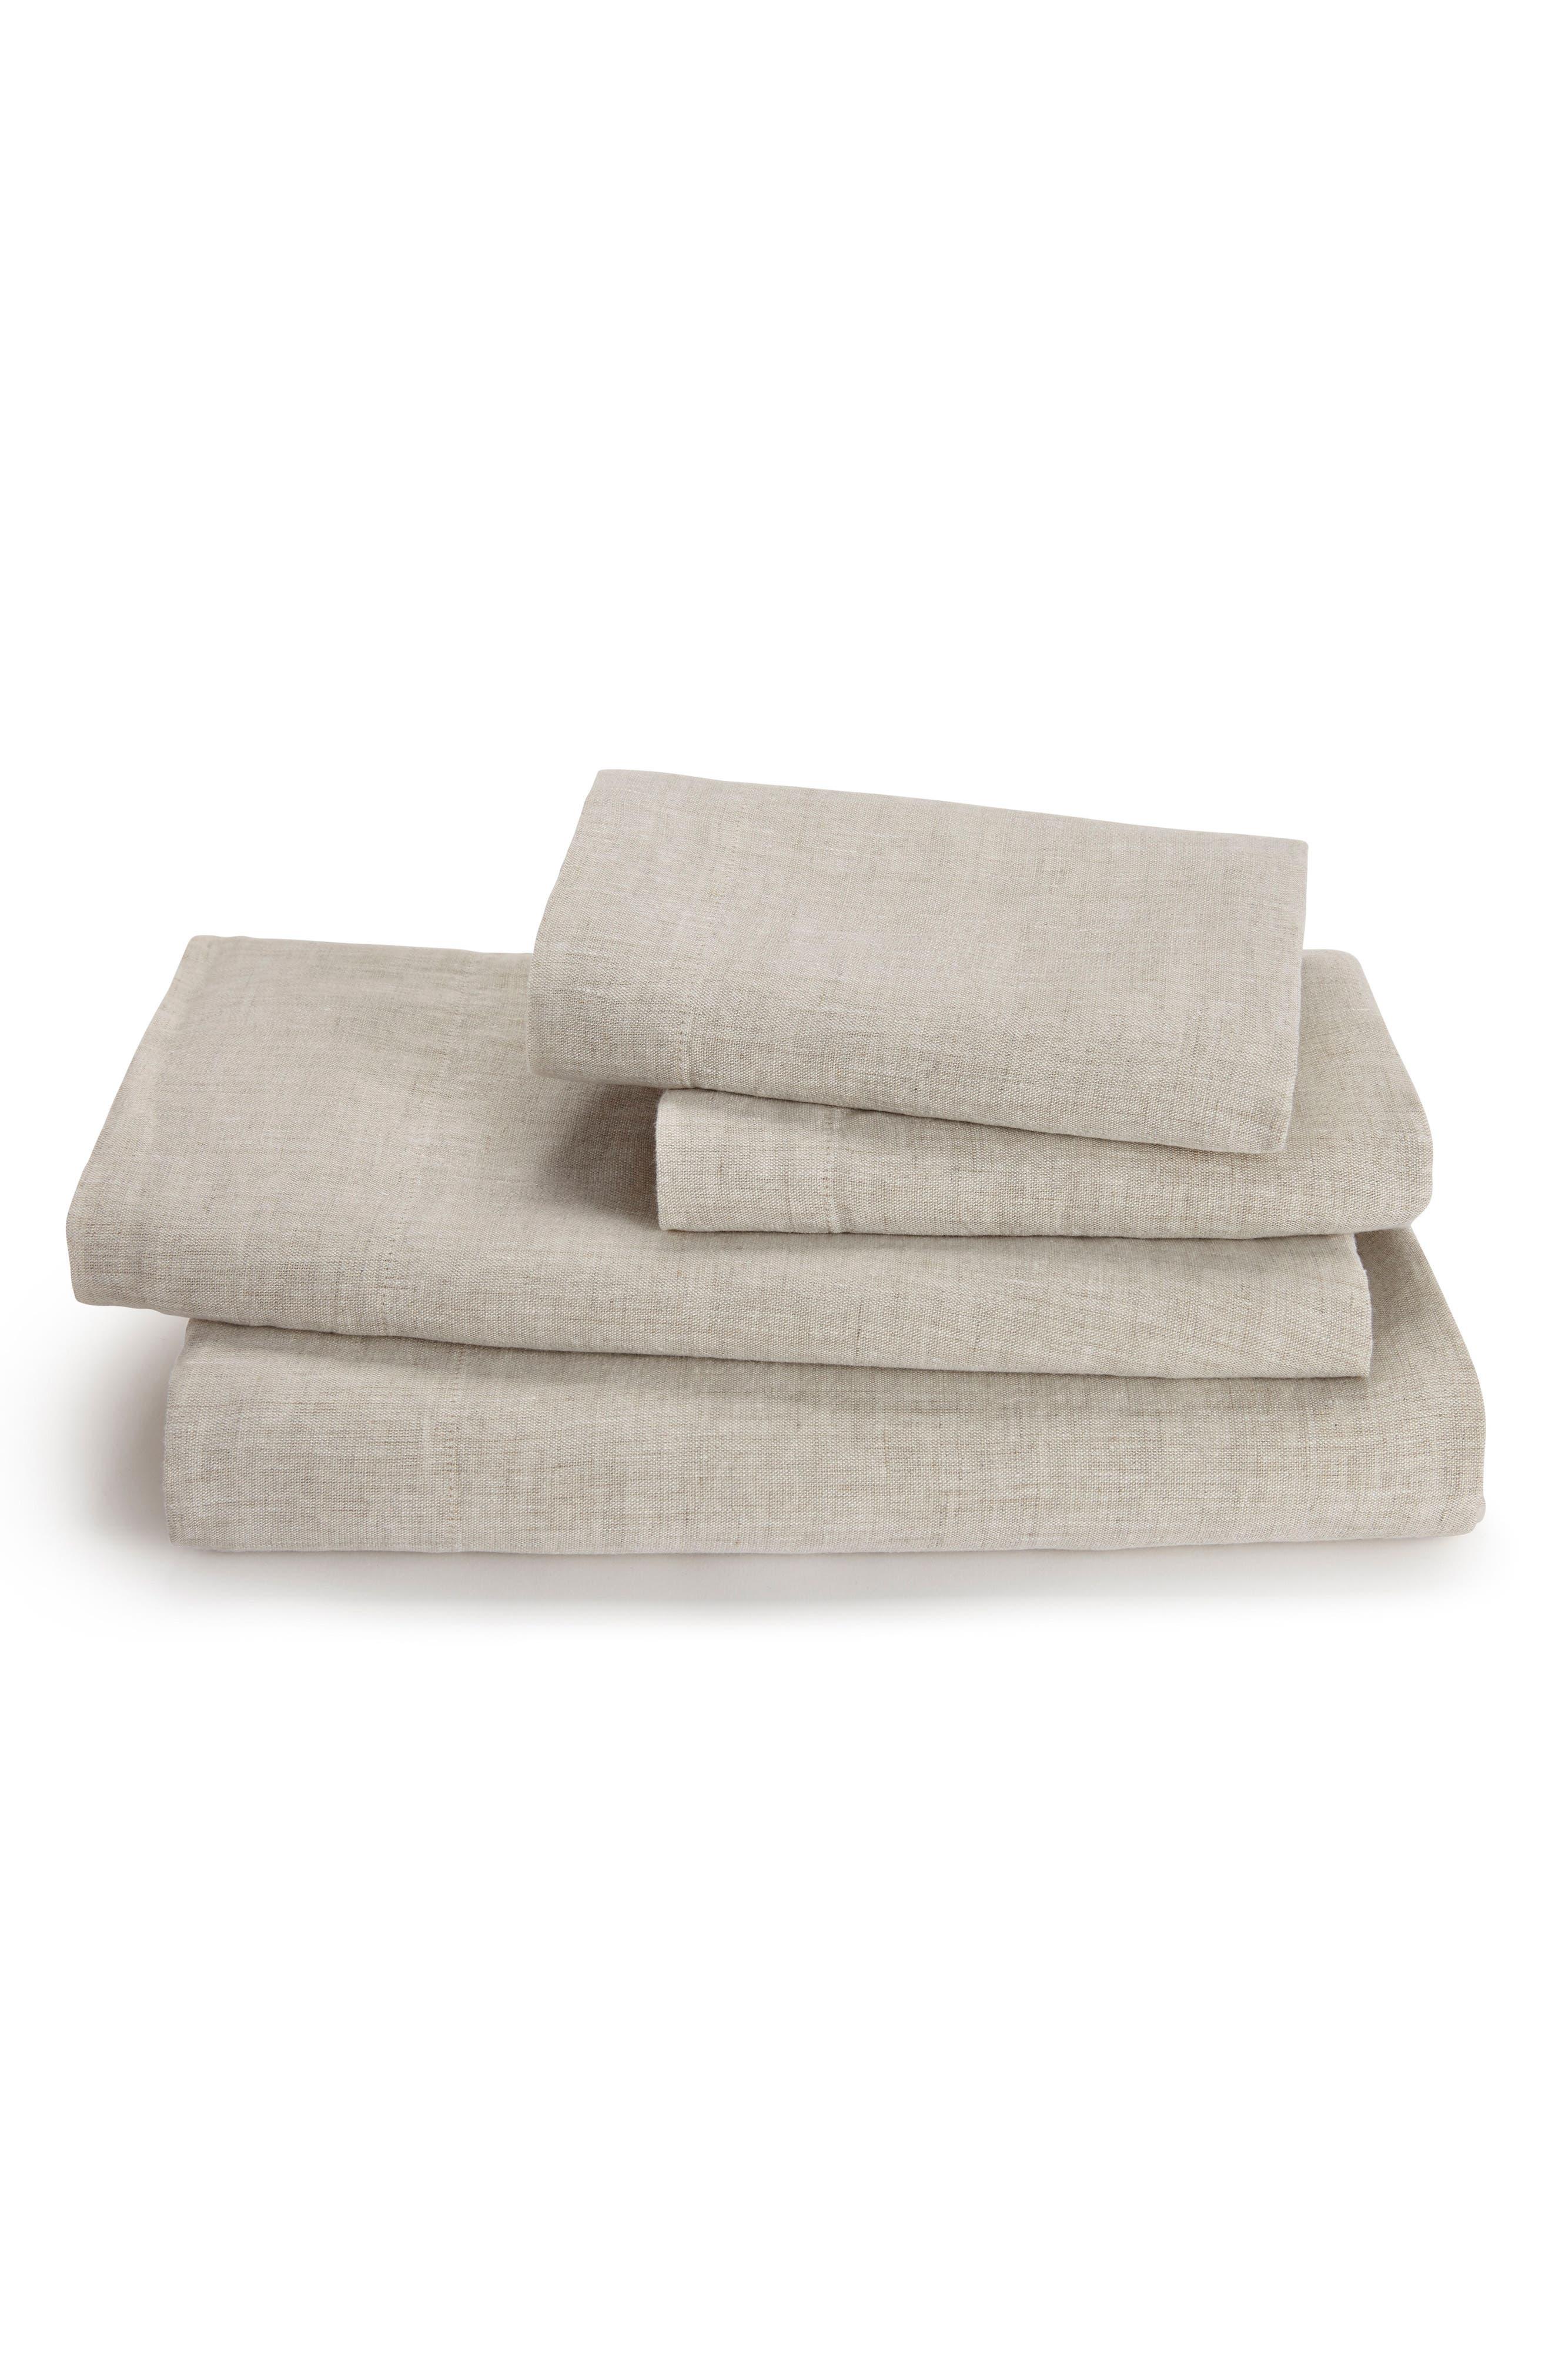 KASSATEX Lino Linen 300 Thread Count Fitted Sheet